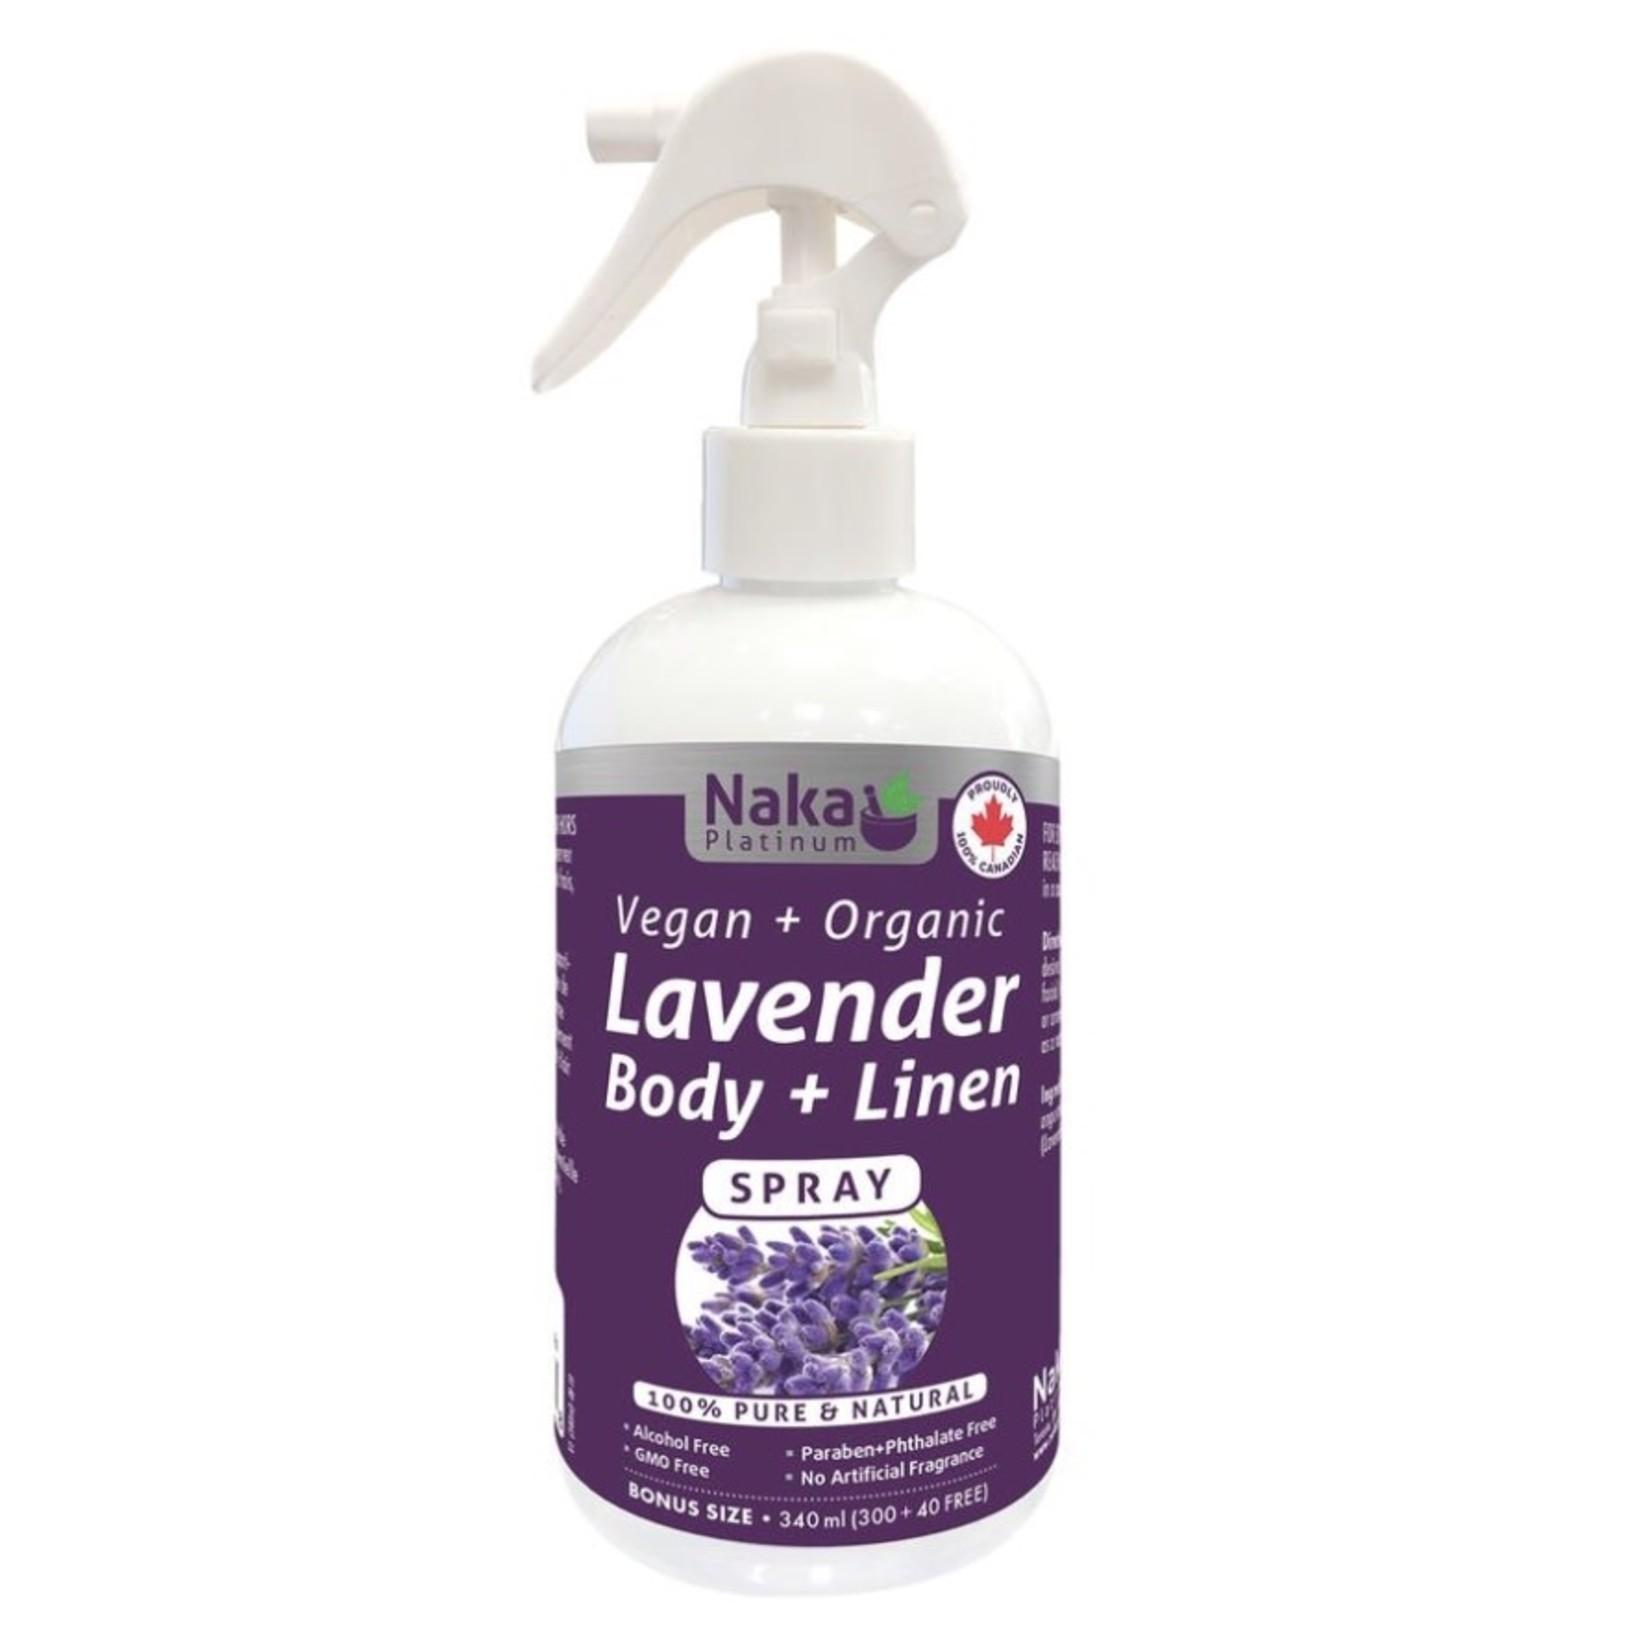 Naka Naka Lavender Body + Linen Spray 340ml